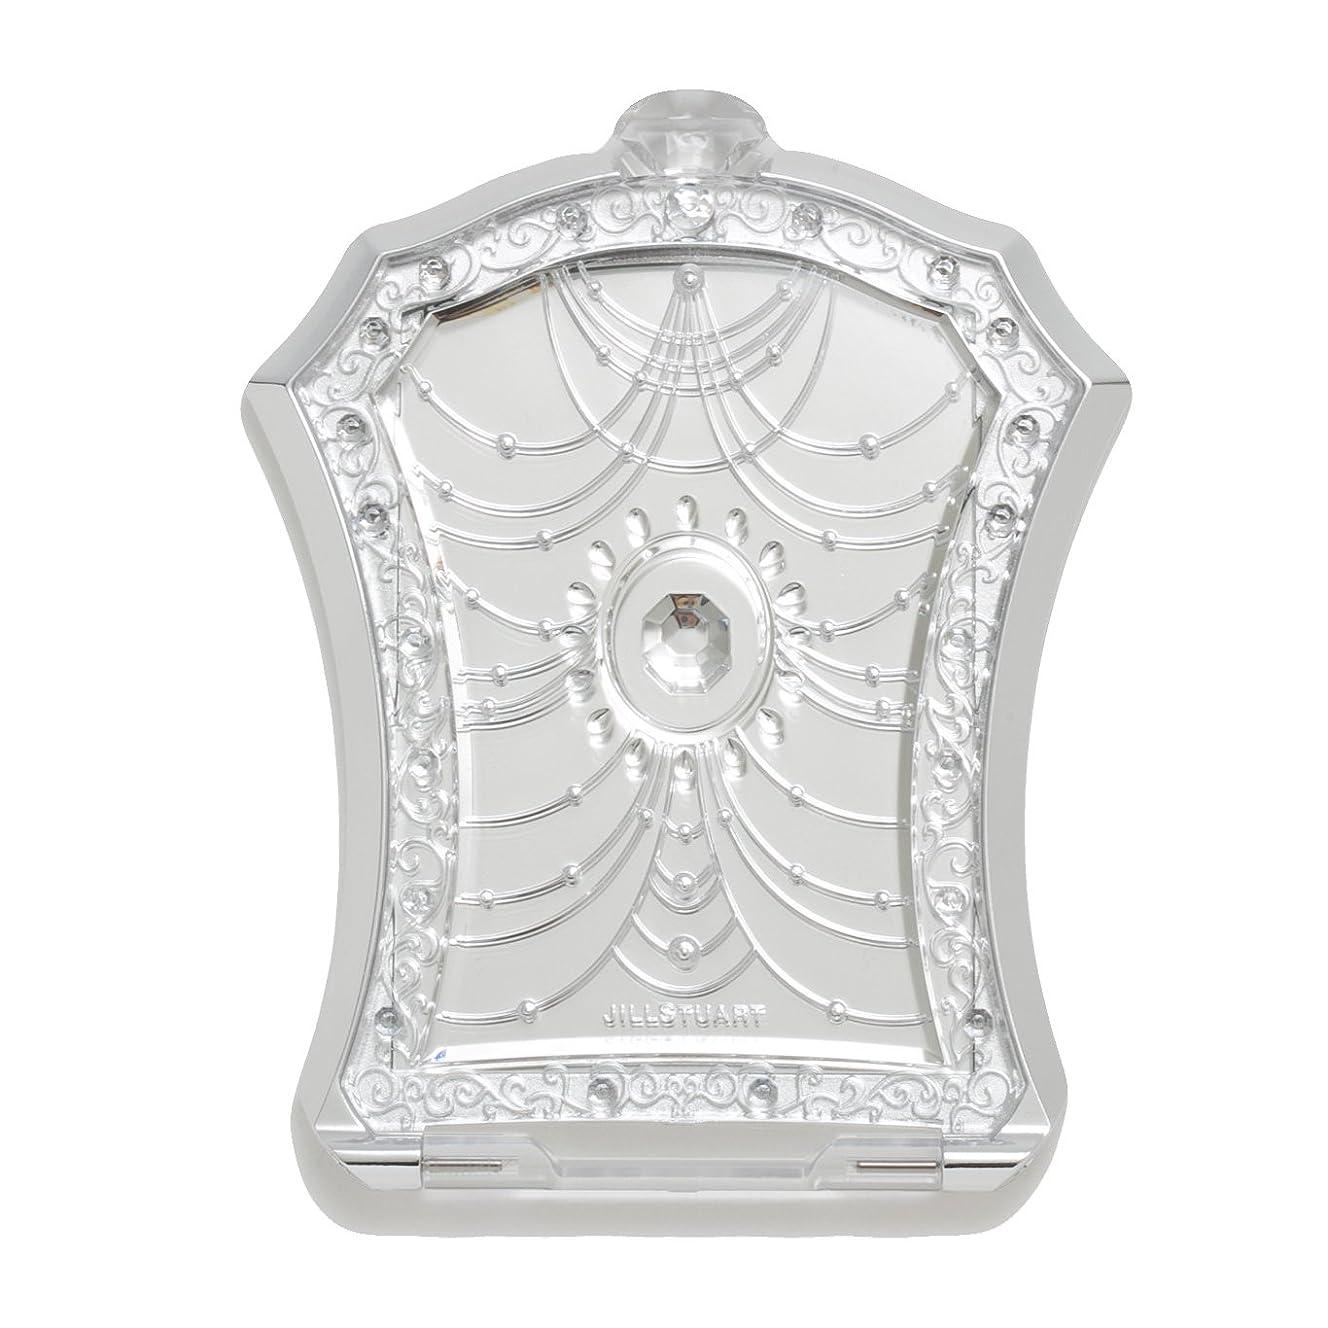 アルコーブ資源入札【名入れ対応可】ジルスチュアート JILL STUART ミラー 鏡 手鏡 Beauty Compact Mirror スクエア 四角 コンパクト ミラー 20743